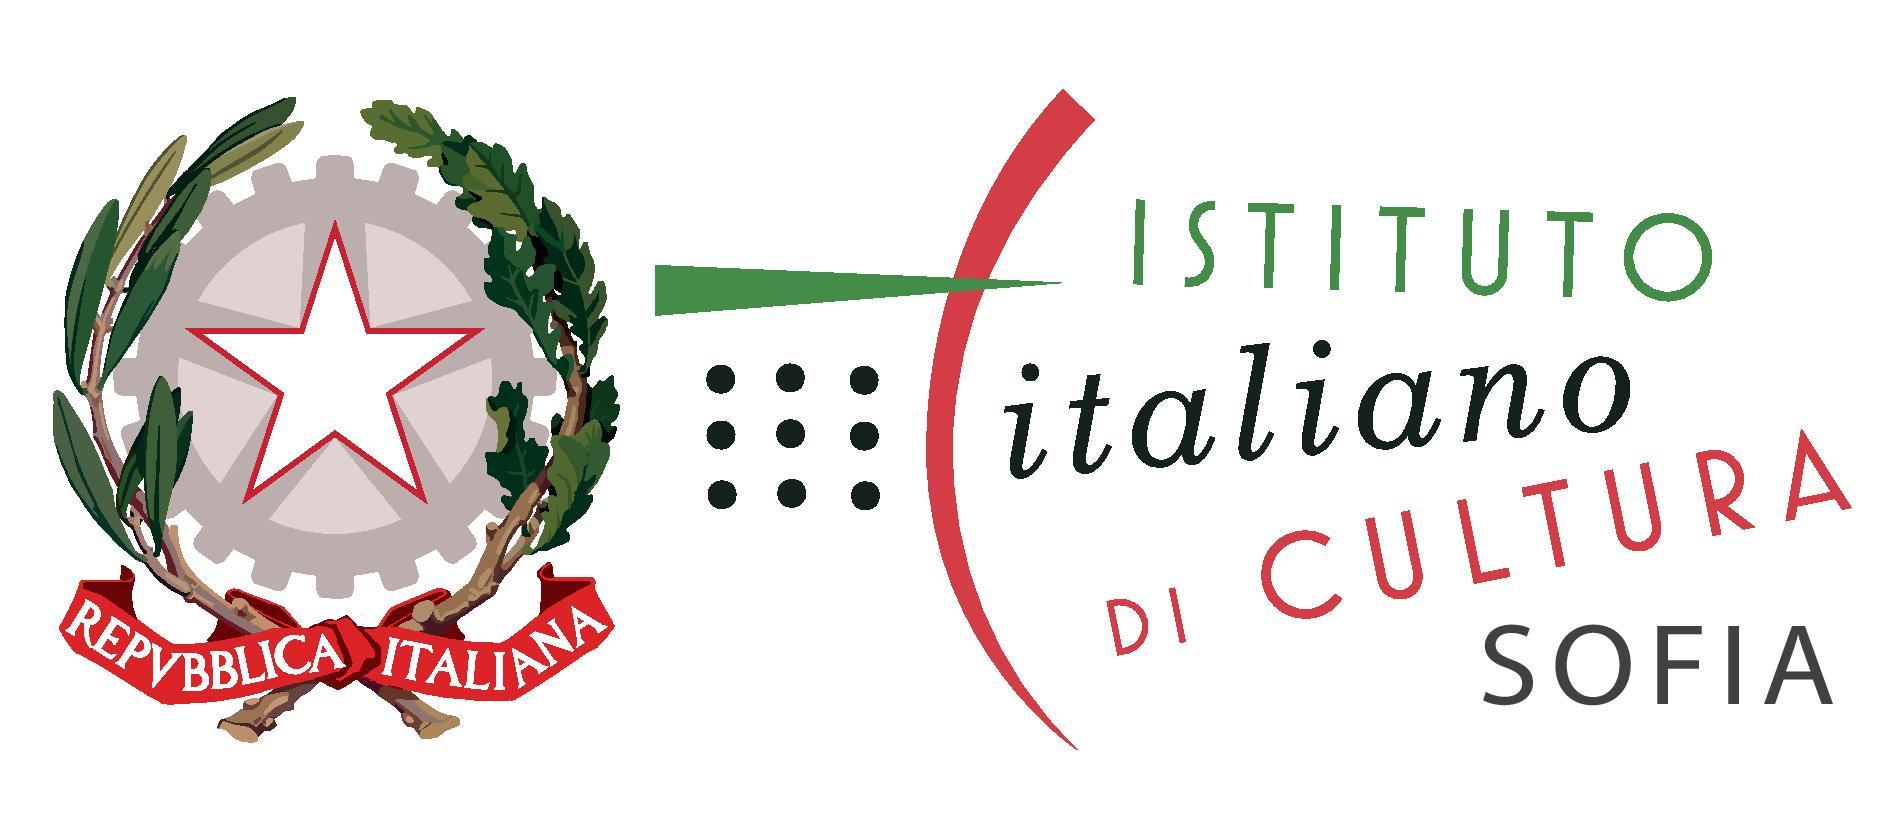 Публикация: Италиански културен институт